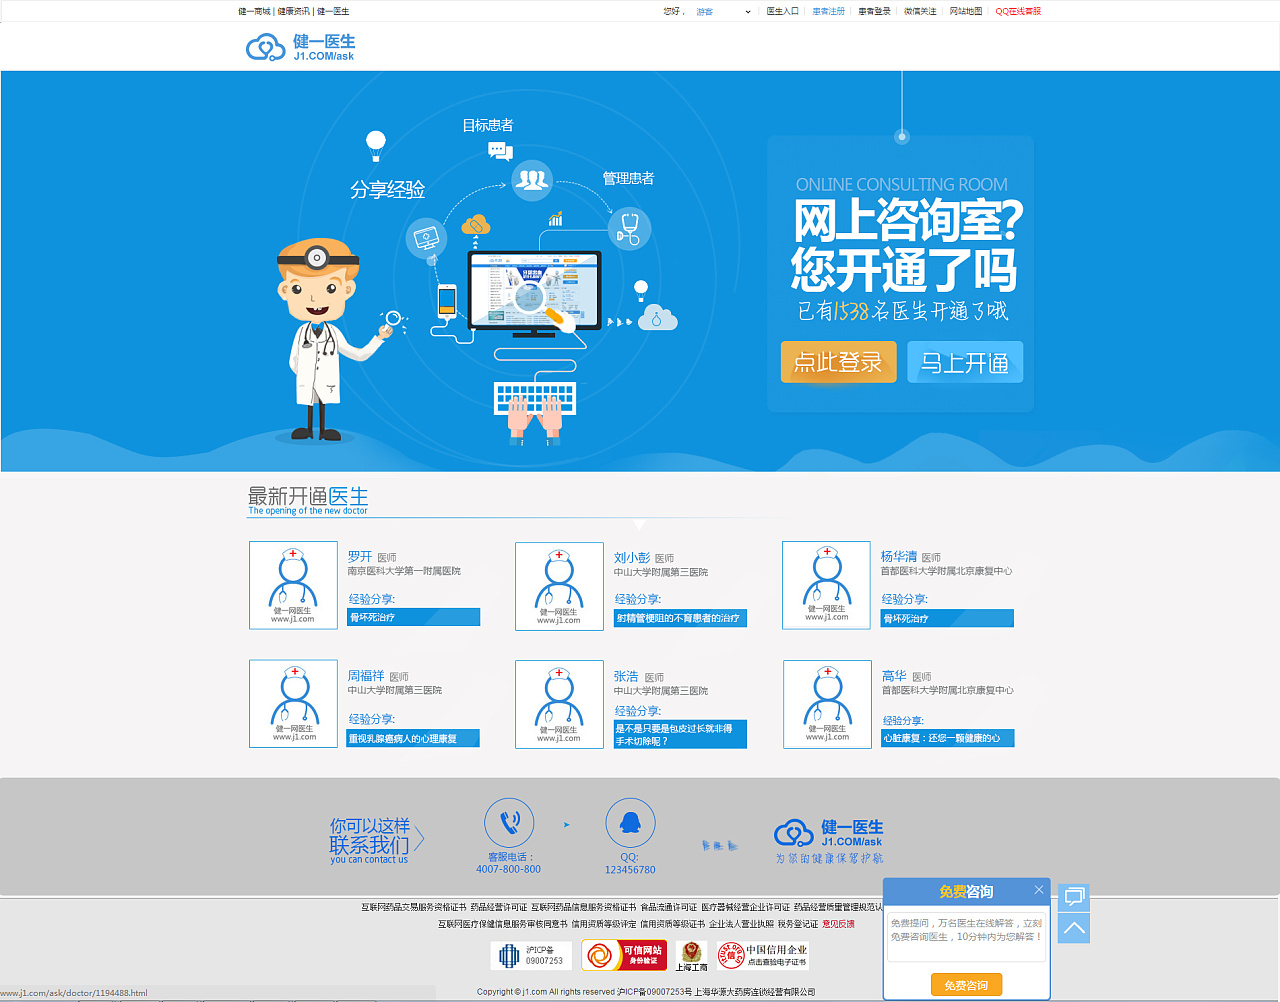 医疗网页设计(医生登录页面)